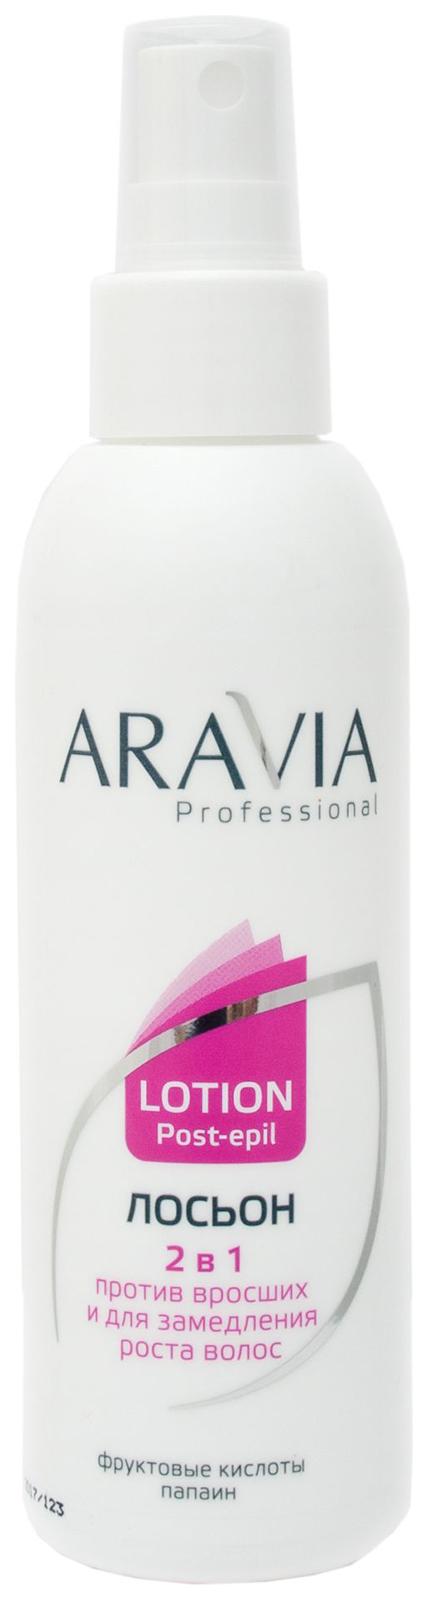 Купить Лосьон 2 в 1 Aravia Professional от врастания и для замедления роста волос 150 мл, Lotion Post-Epil